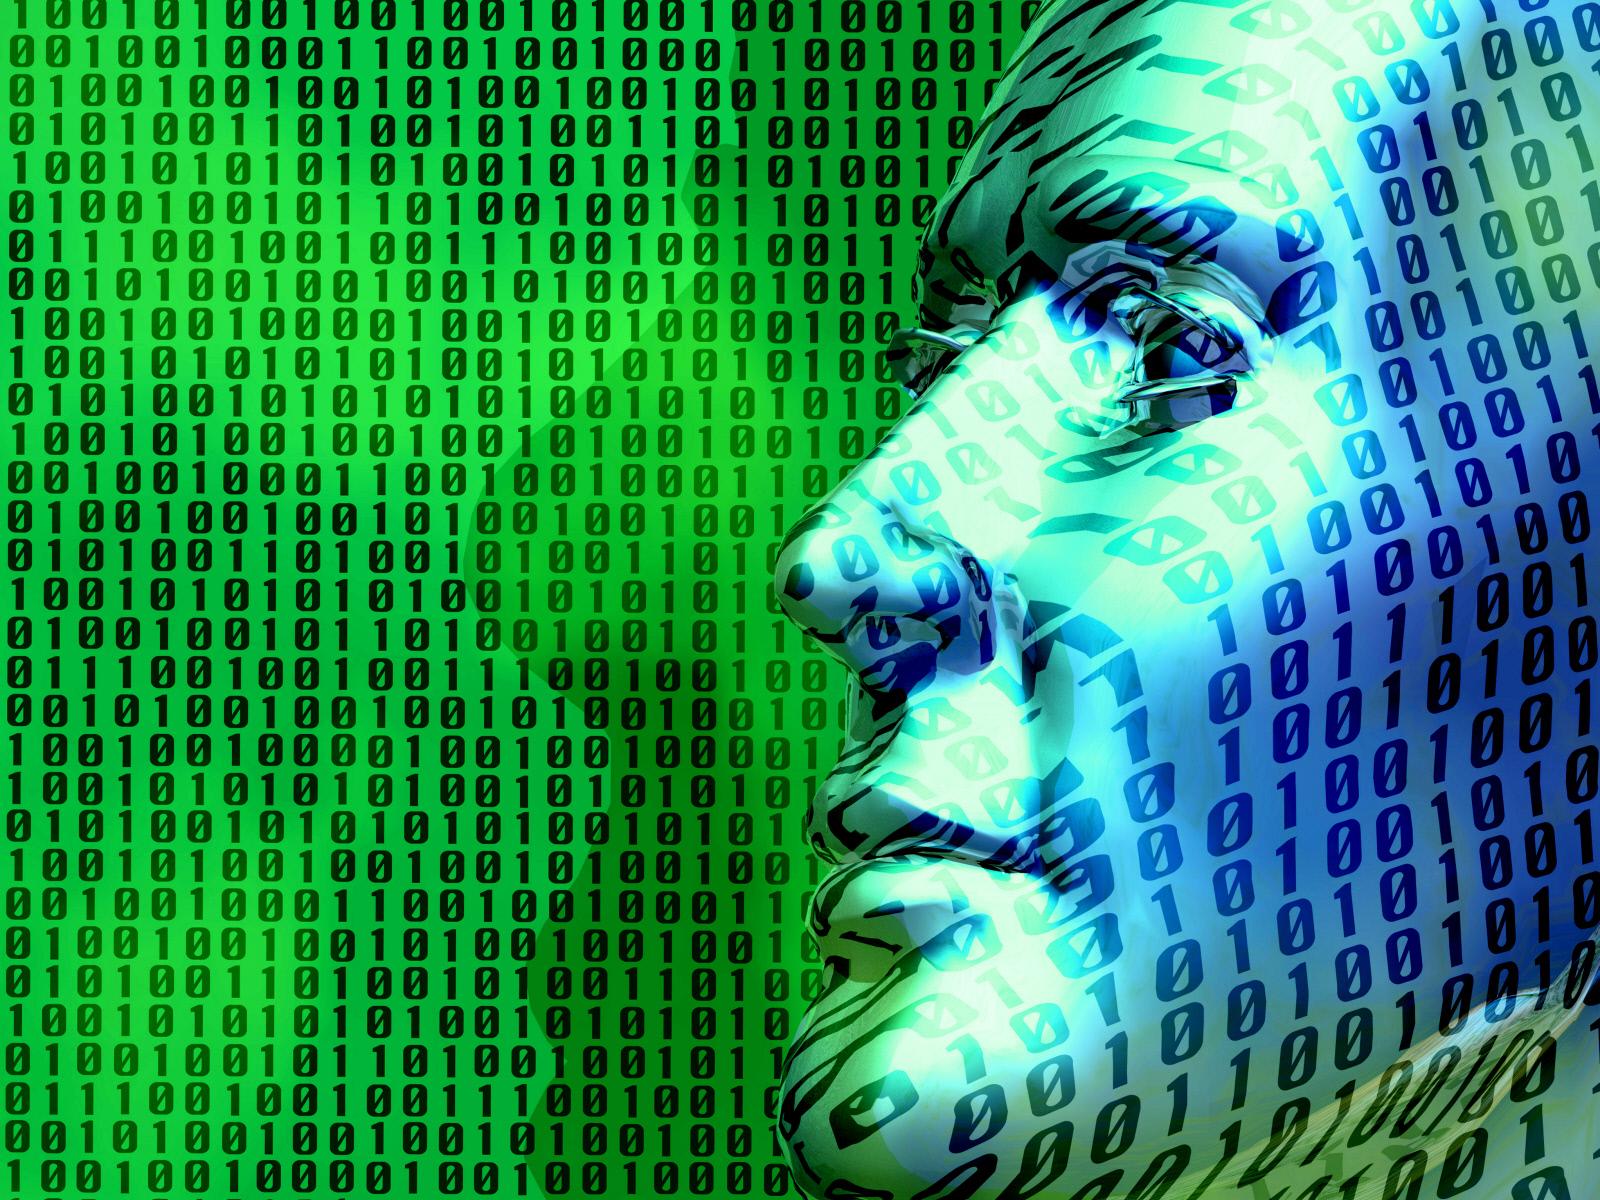 235340_dvoichnyj-kod_lico_robot_1600x1200_(www.GdeFon.ru)